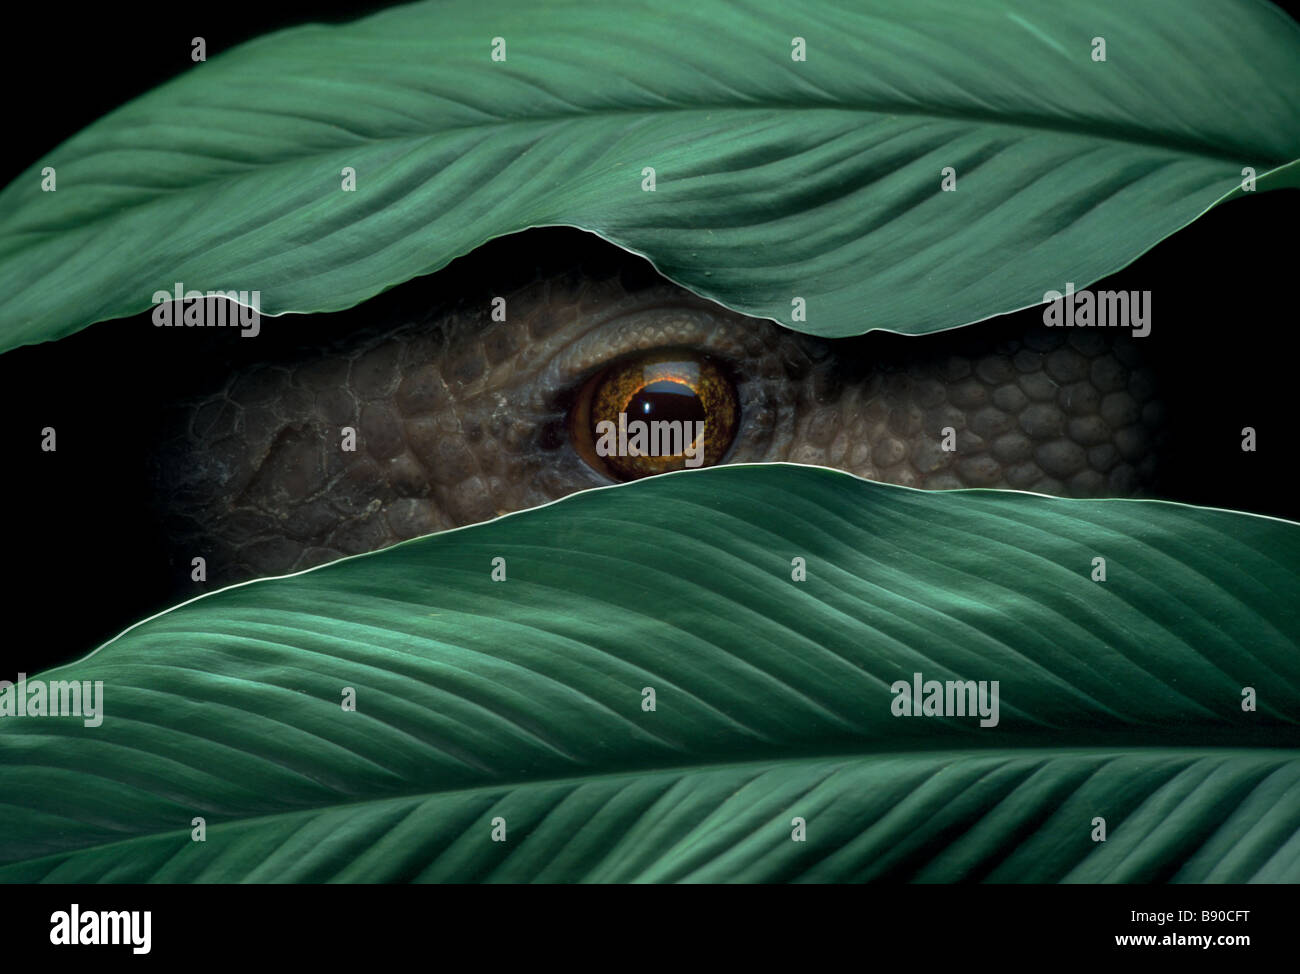 Conceitos # FL1150 Kitchin/Hurst; répteis Peeking através de folhas Imagens de Stock